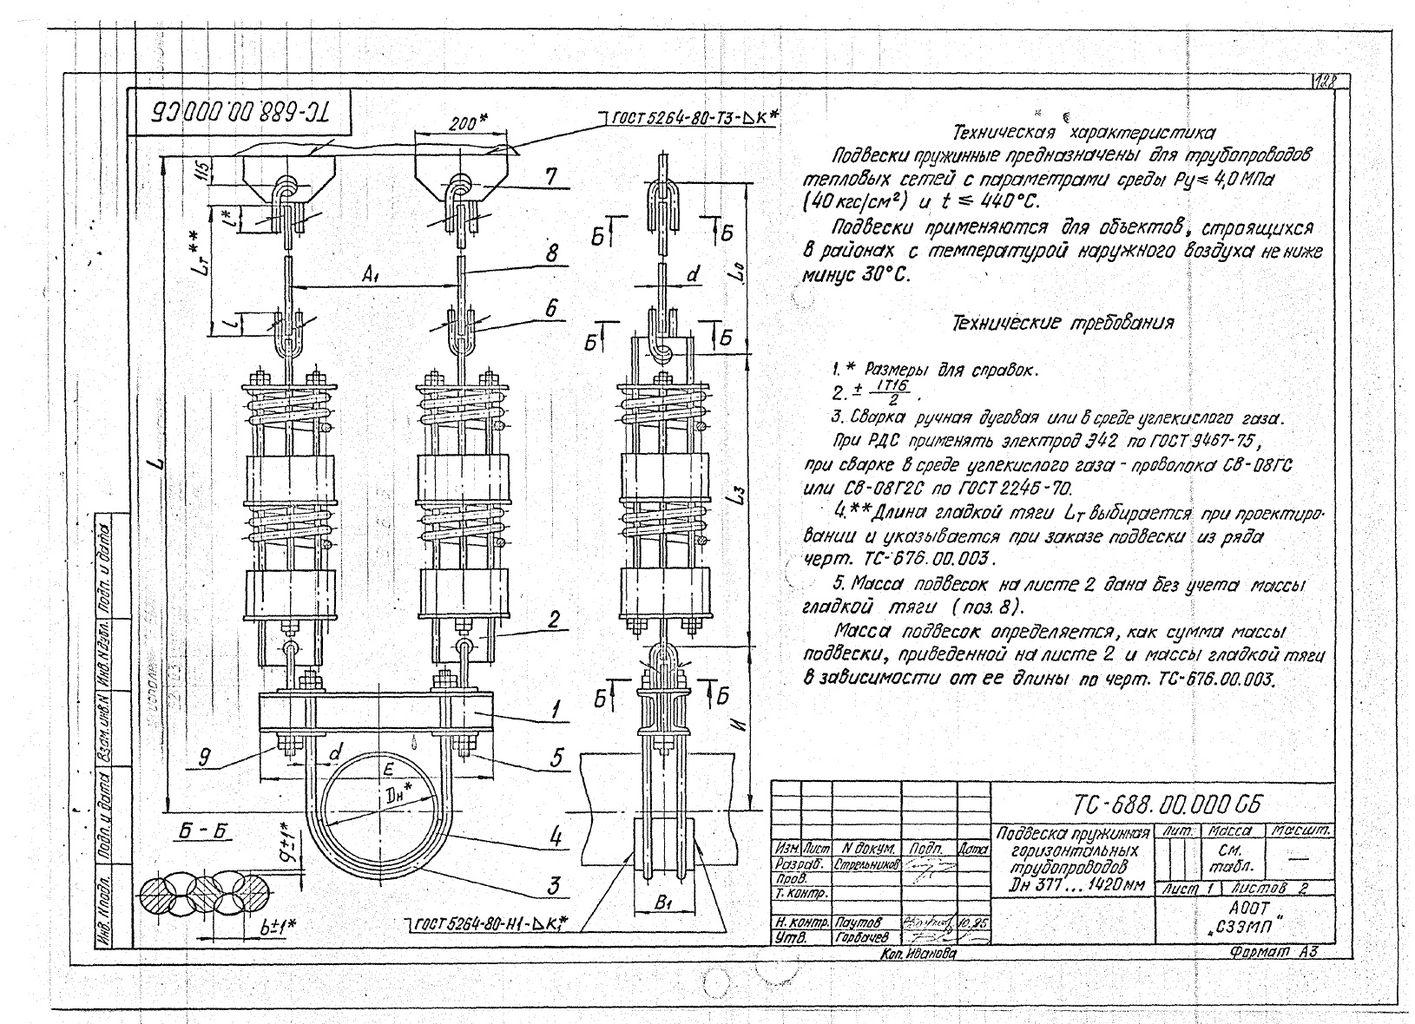 Подвески пружинные для горизонтальных трубопроводов Дн 377-1420 мм ТС-688.00.000 СБ серия 5.903-13 выпуск 6-95 стр.1